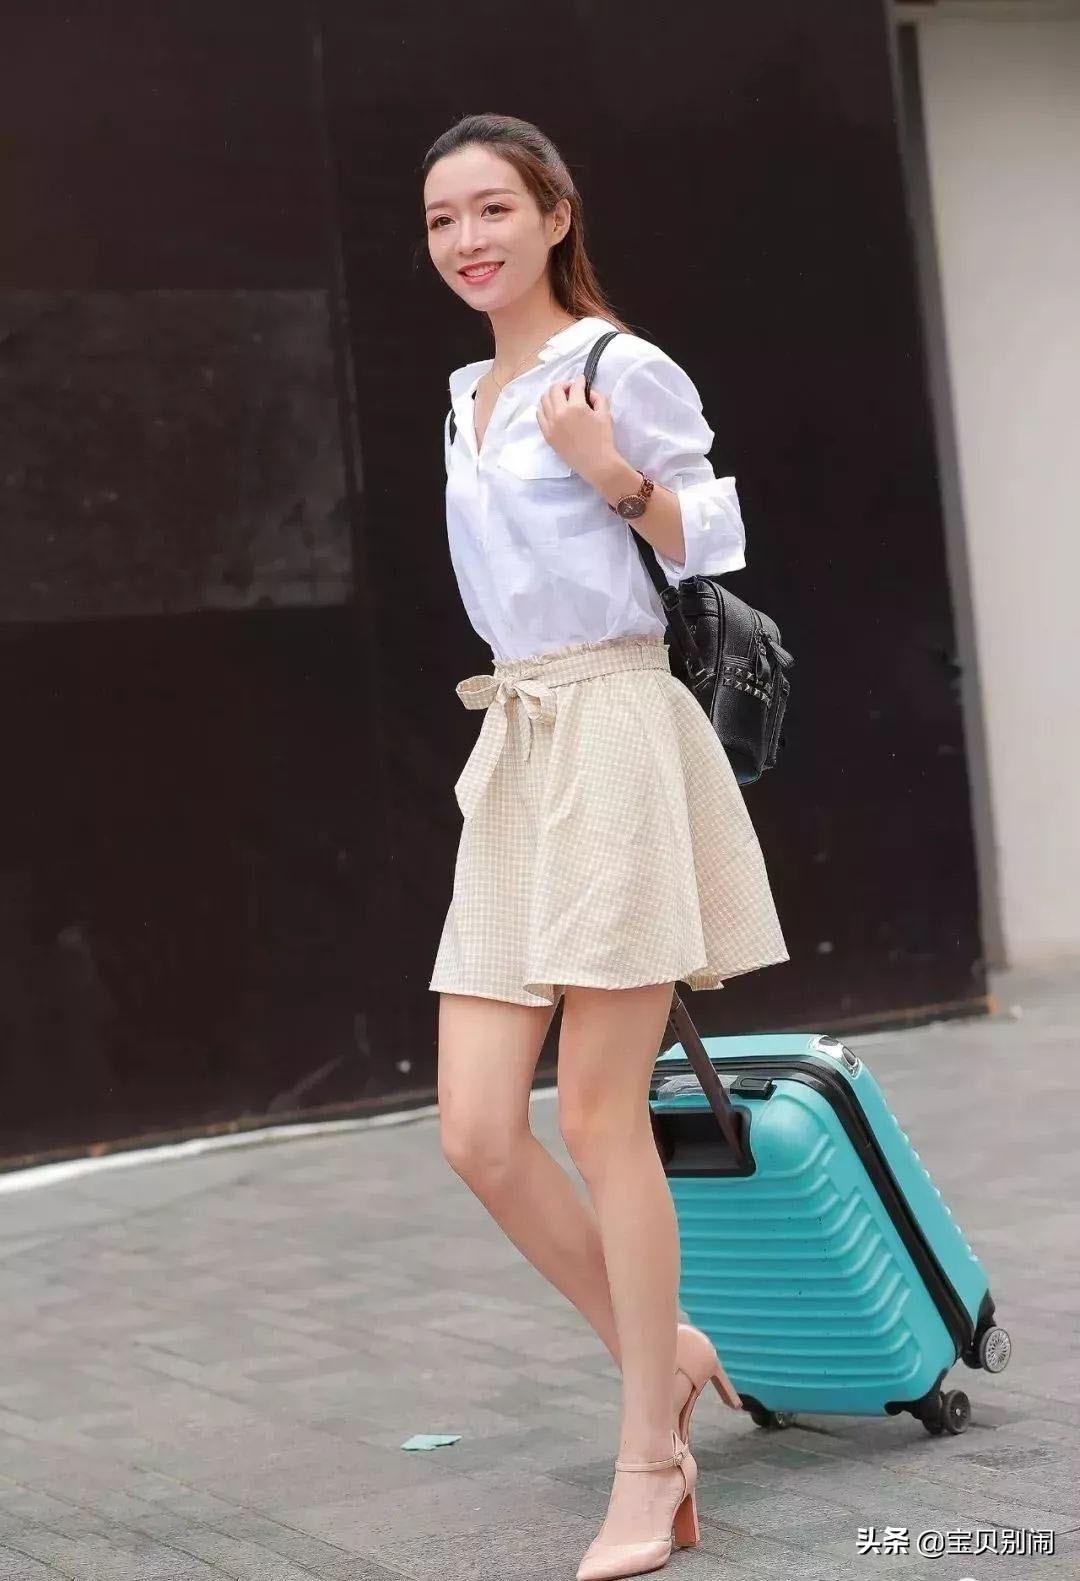 開學入校時尚穿搭,寬松襯衫+小格子半身裙,清新減齡更具美感